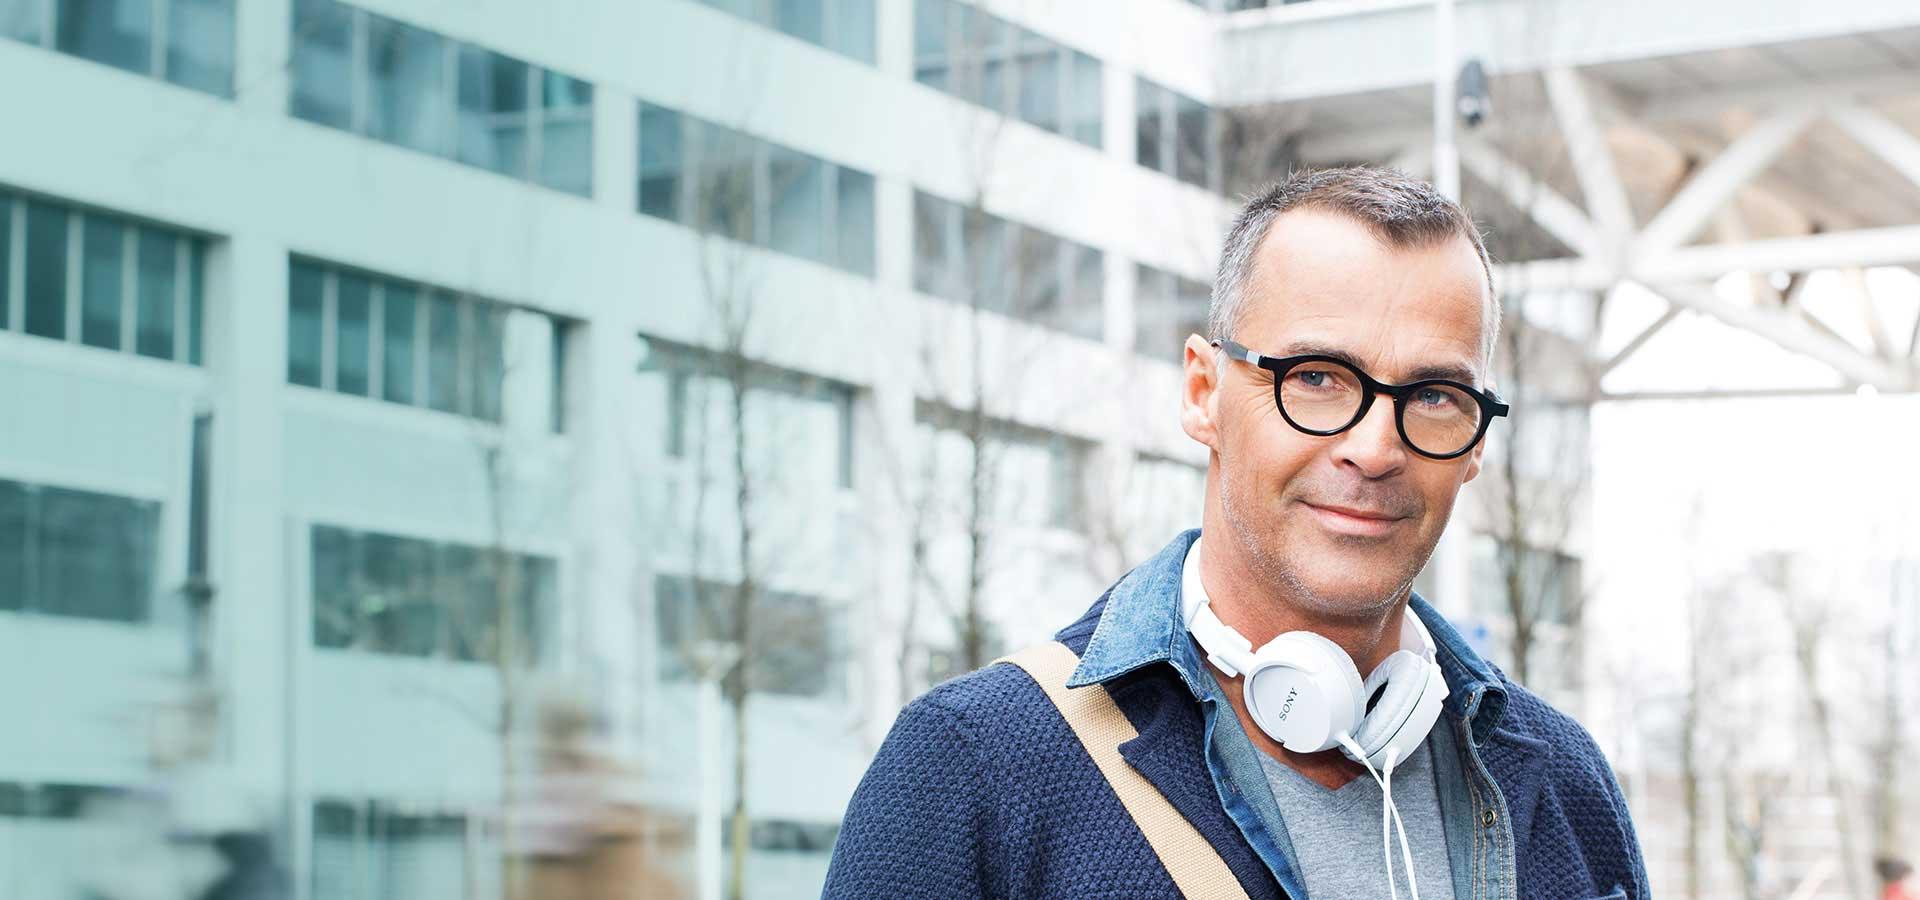 Aktuelles Brillen-Design